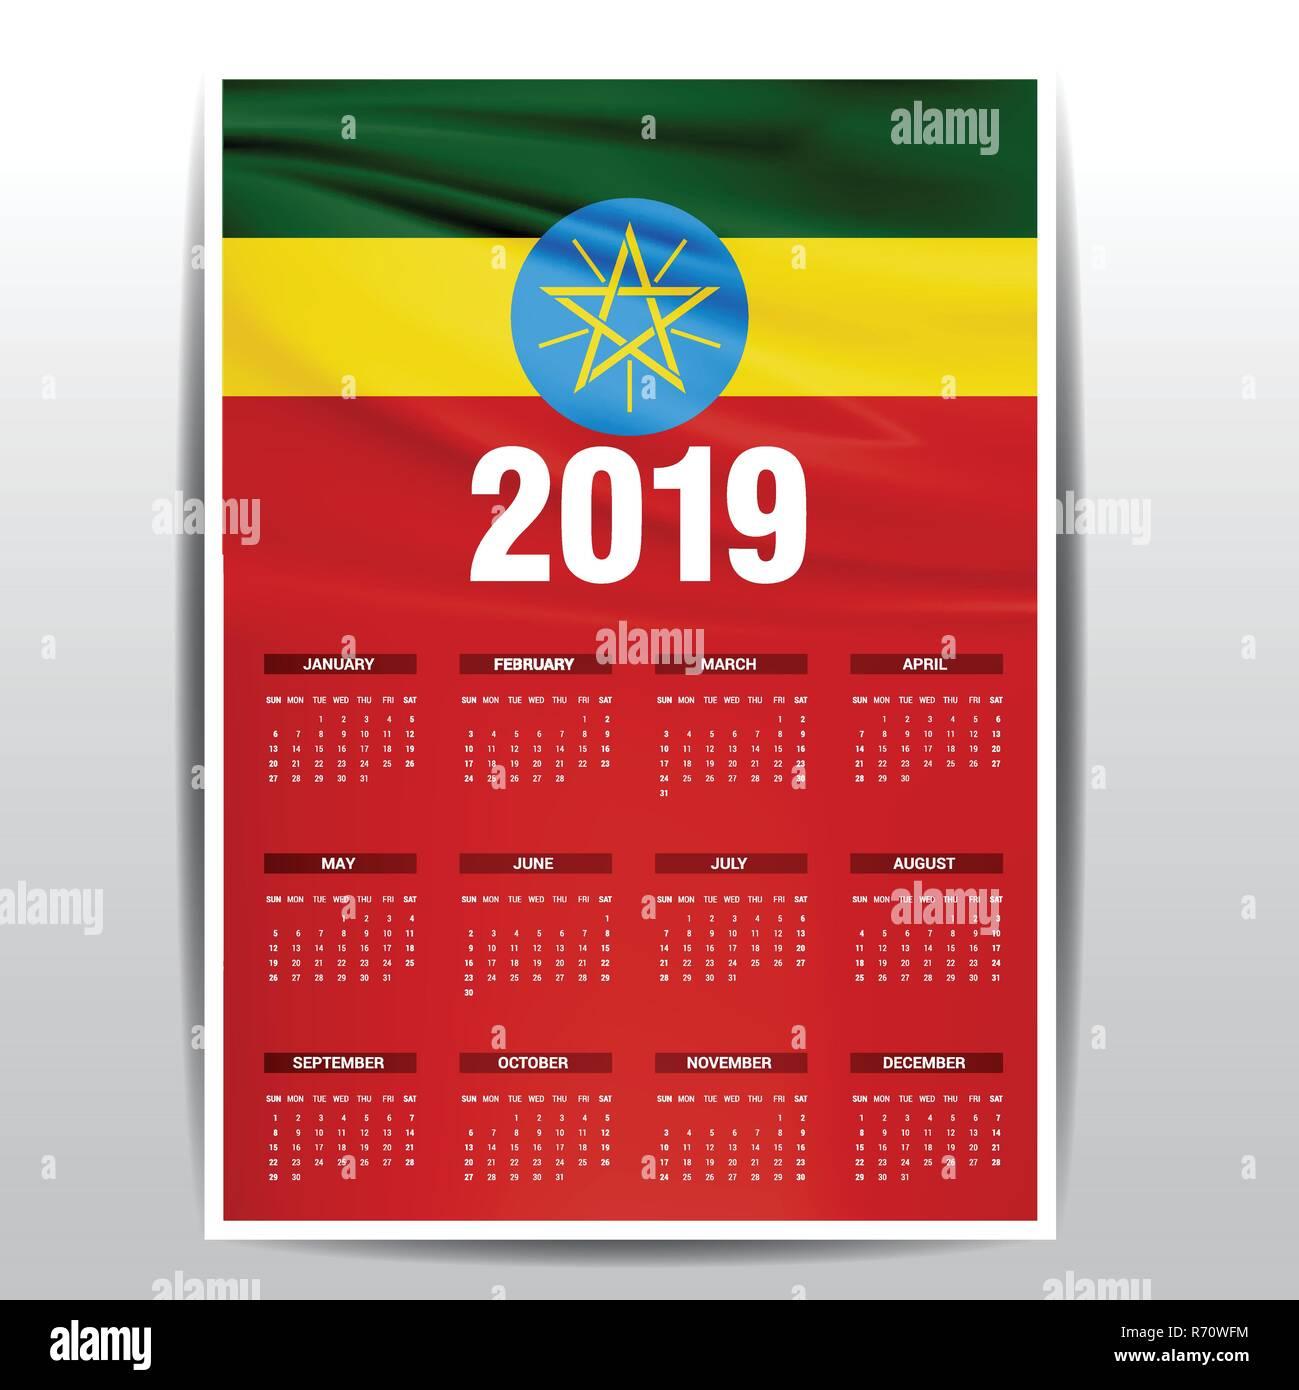 Ethiopian Calendar Stock Photos & Ethiopian Calendar Stock